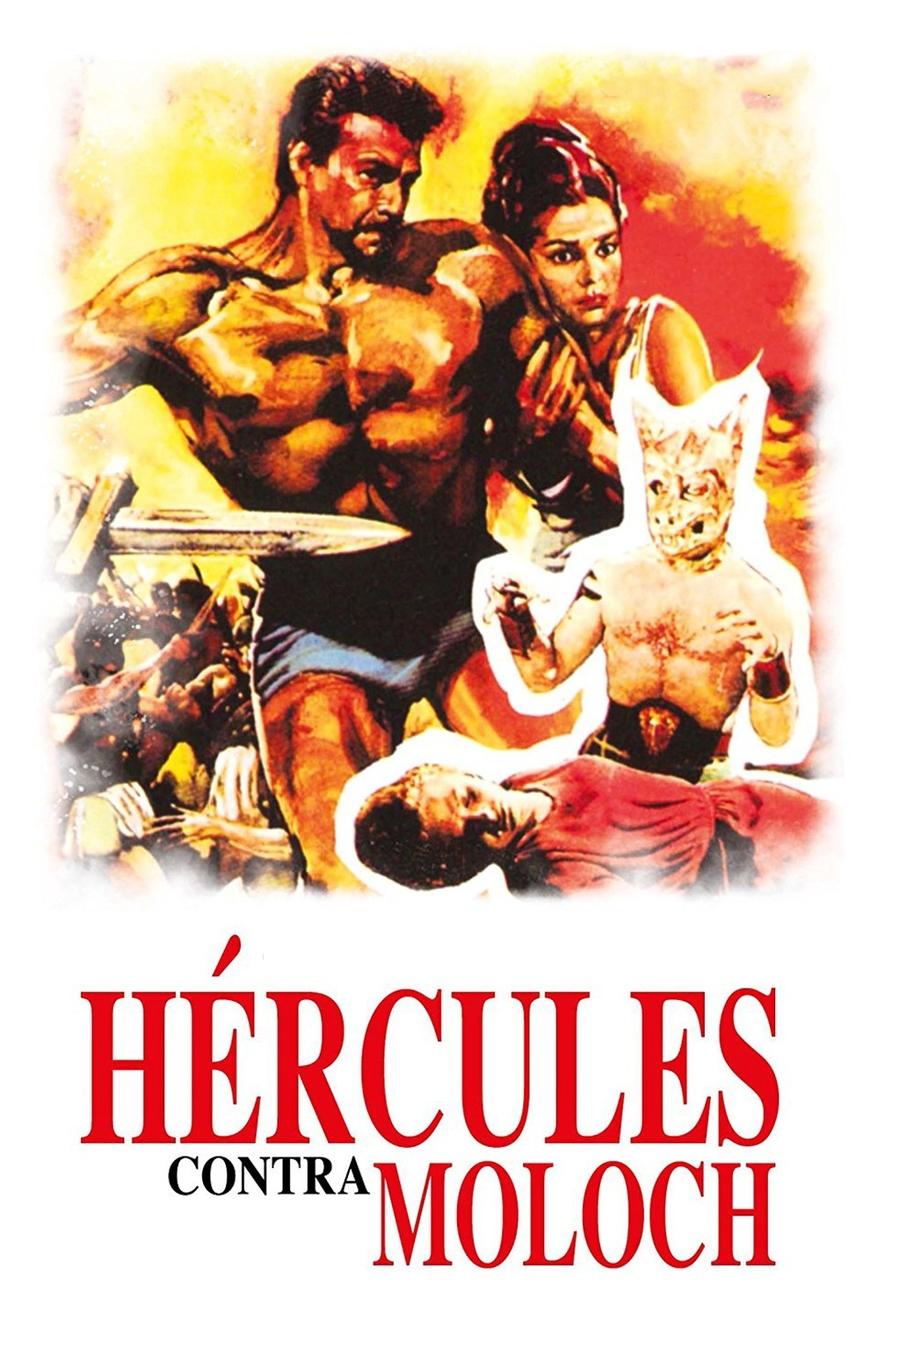 Hércules Contra Moloch